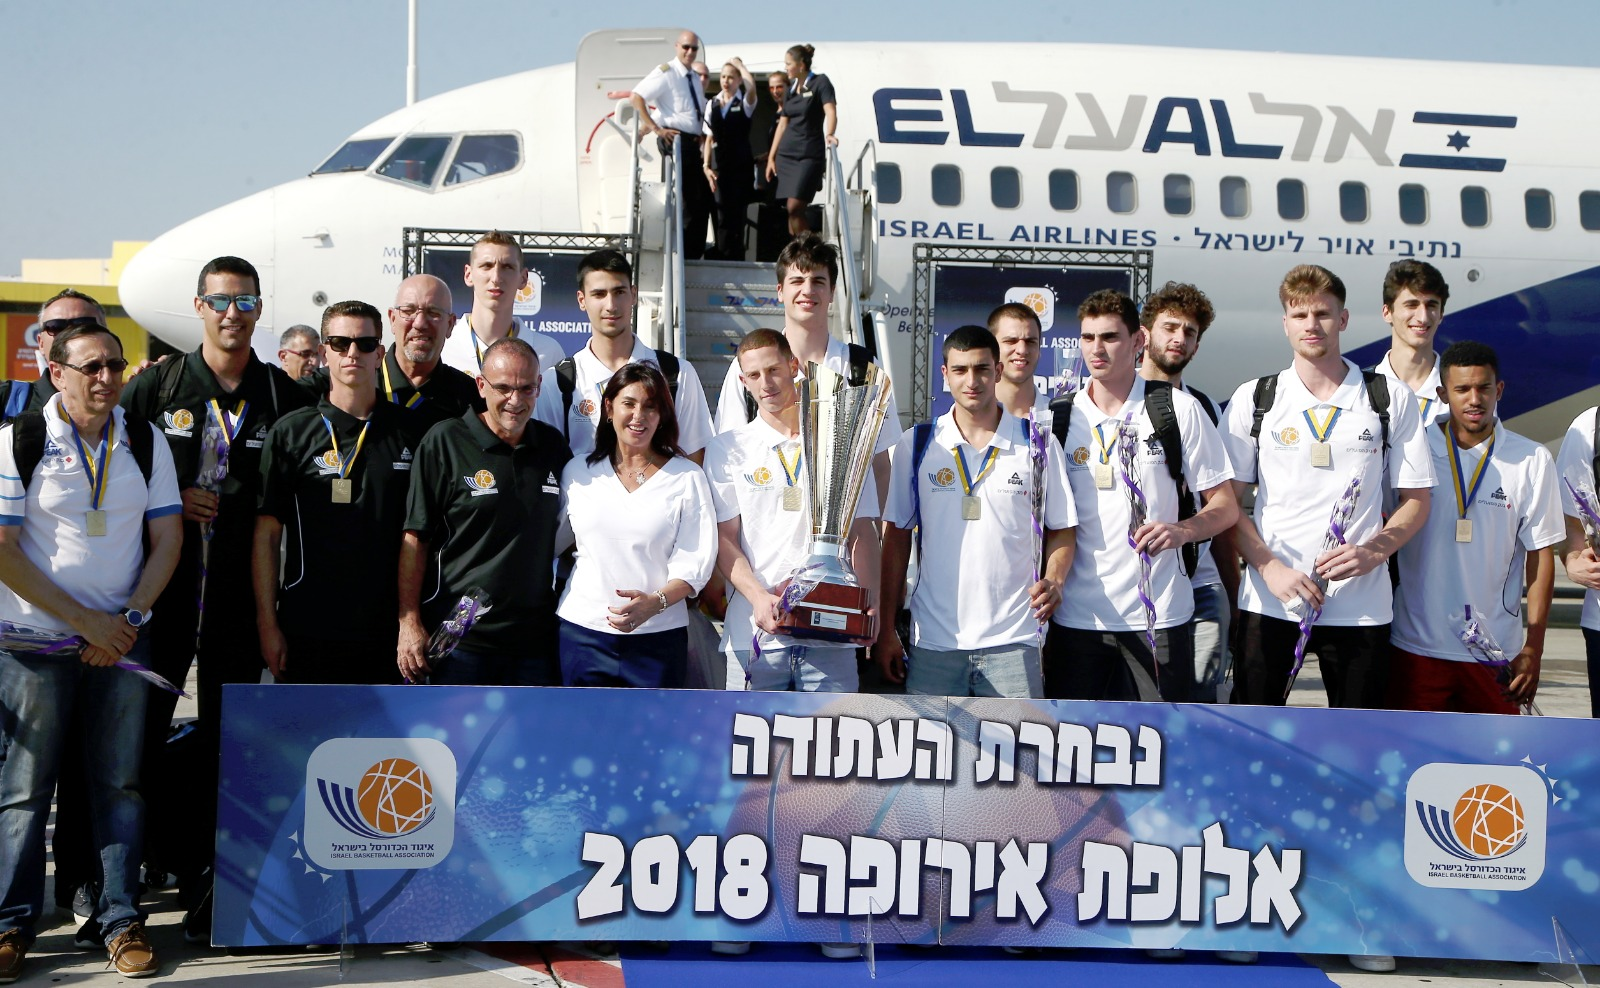 בחמישי הגרלת אליפויות אירופה לנבחרת צעירות, כולל אליפות אירופה עד גיל 20 בישראל